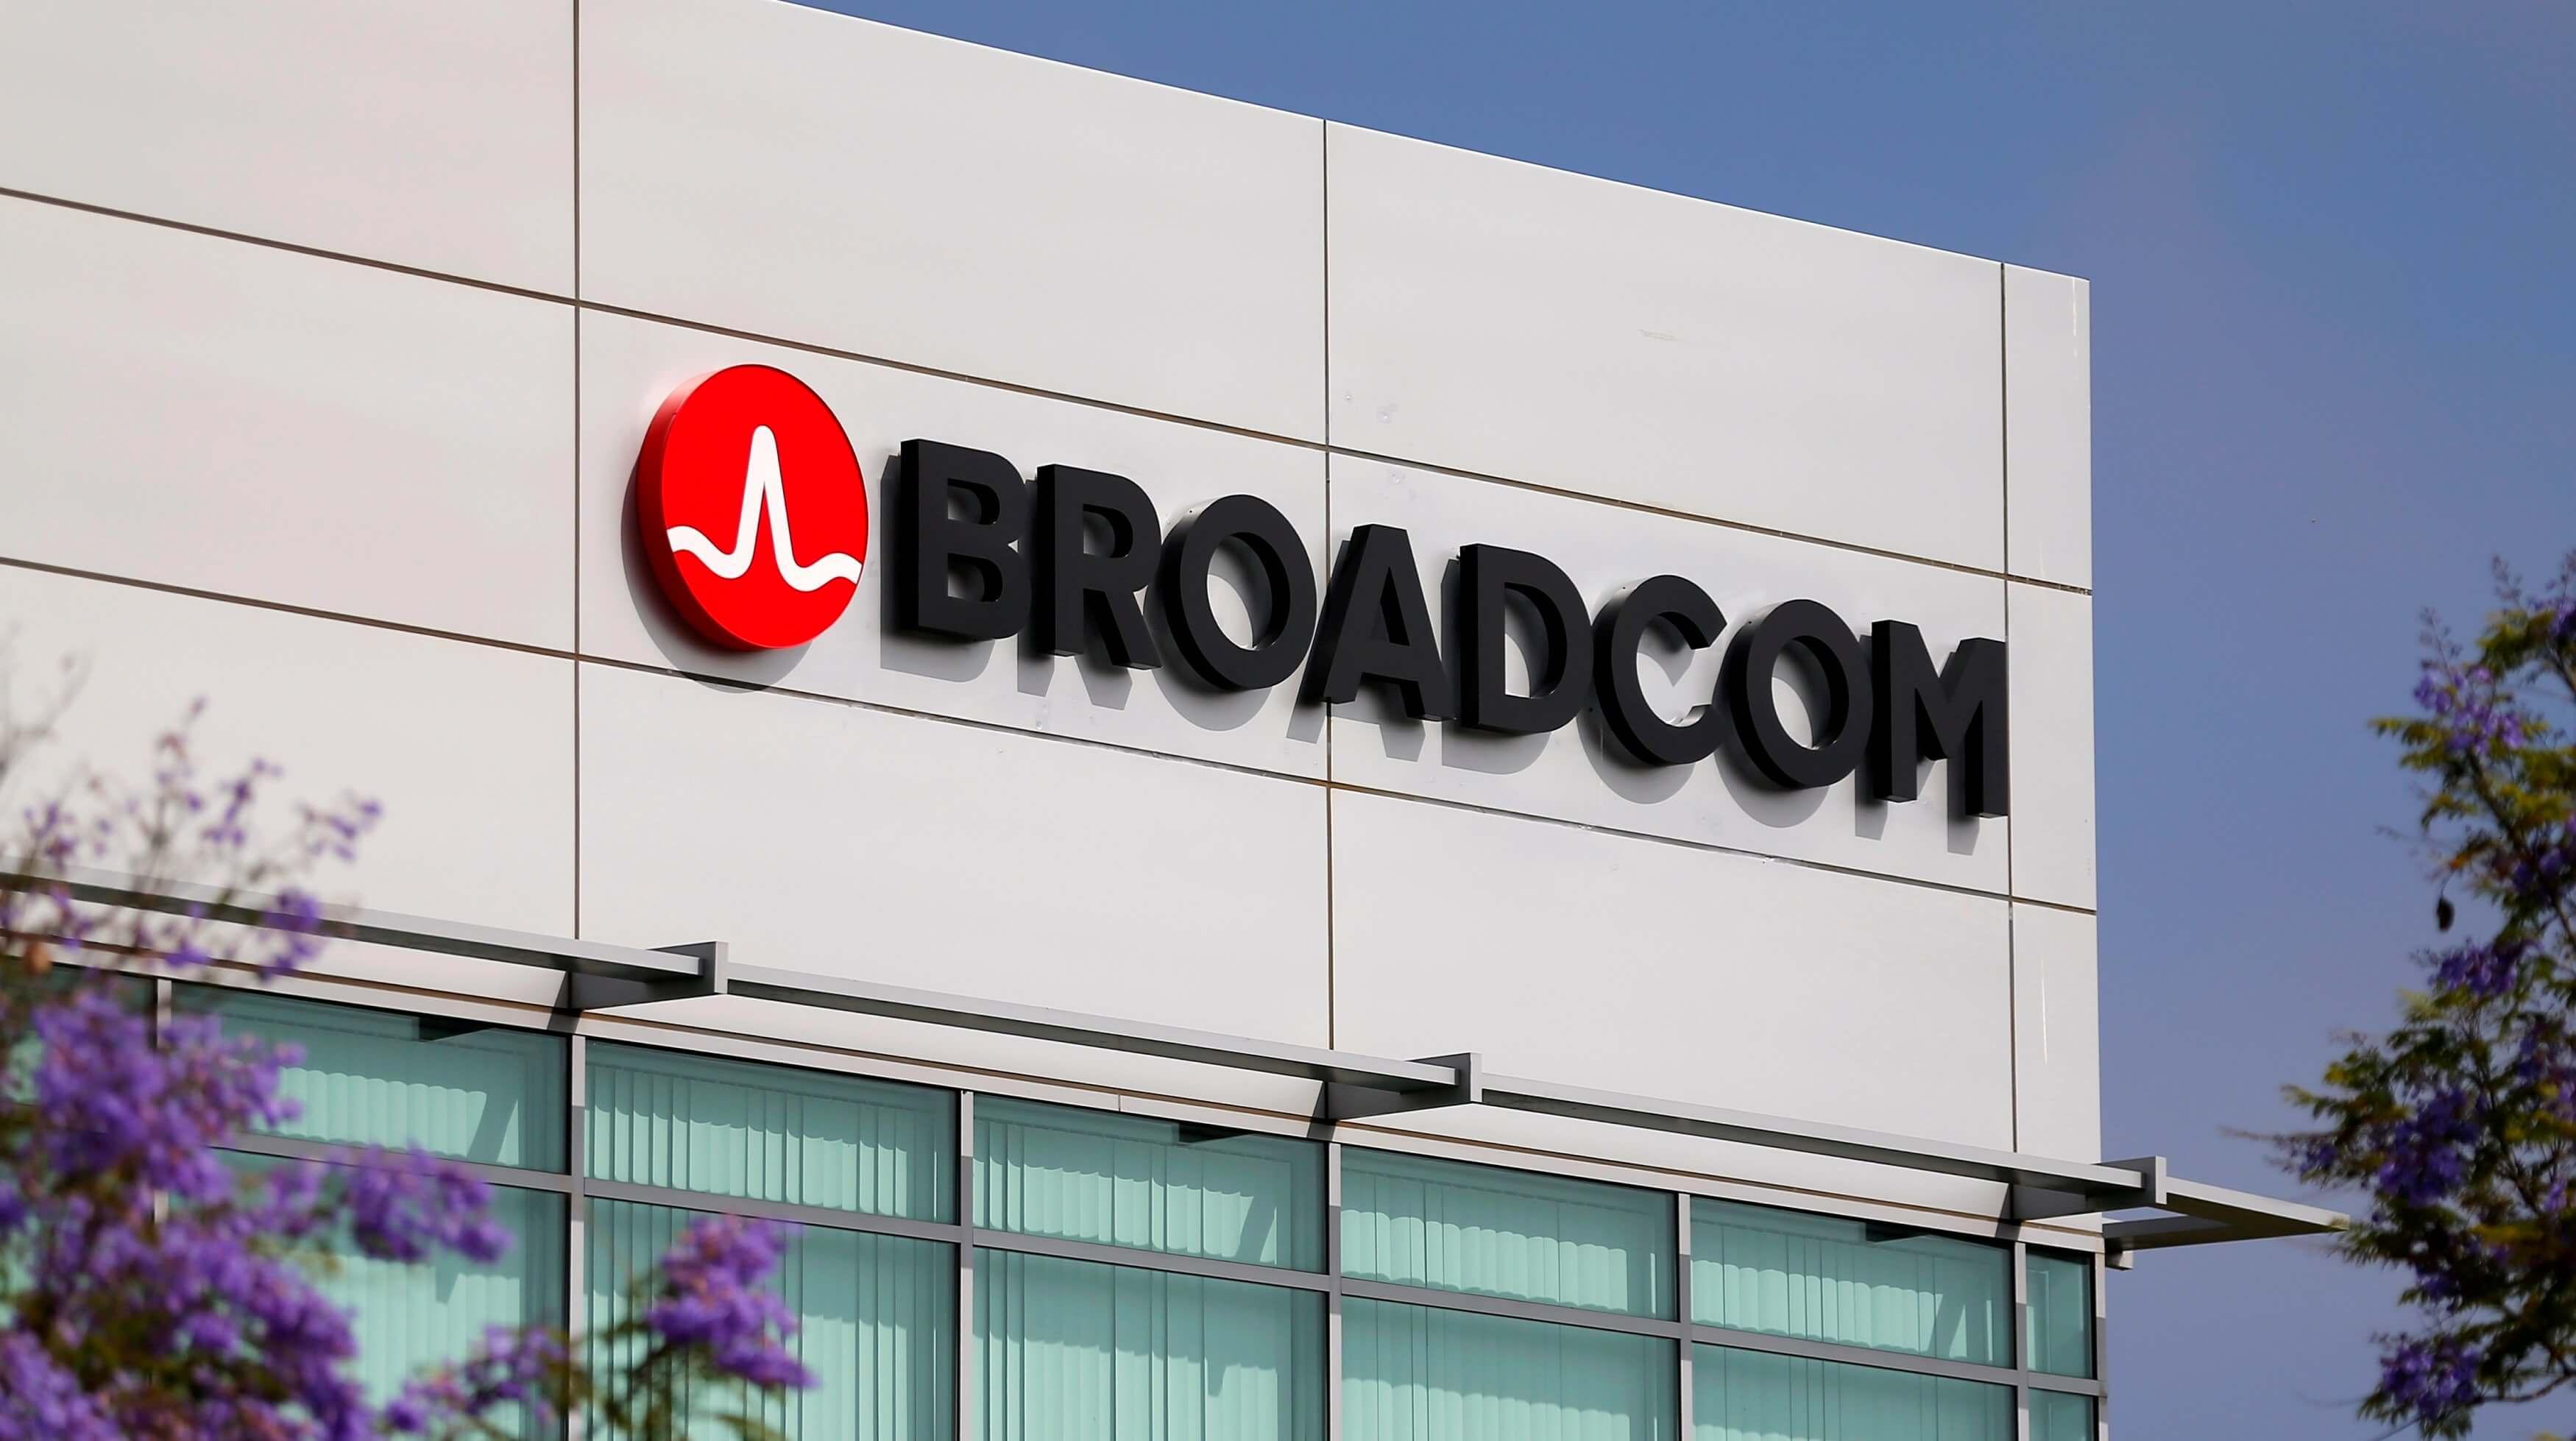 Производитель микрочипов Broadcom покупает разработчикаПО за $18,9 млрд